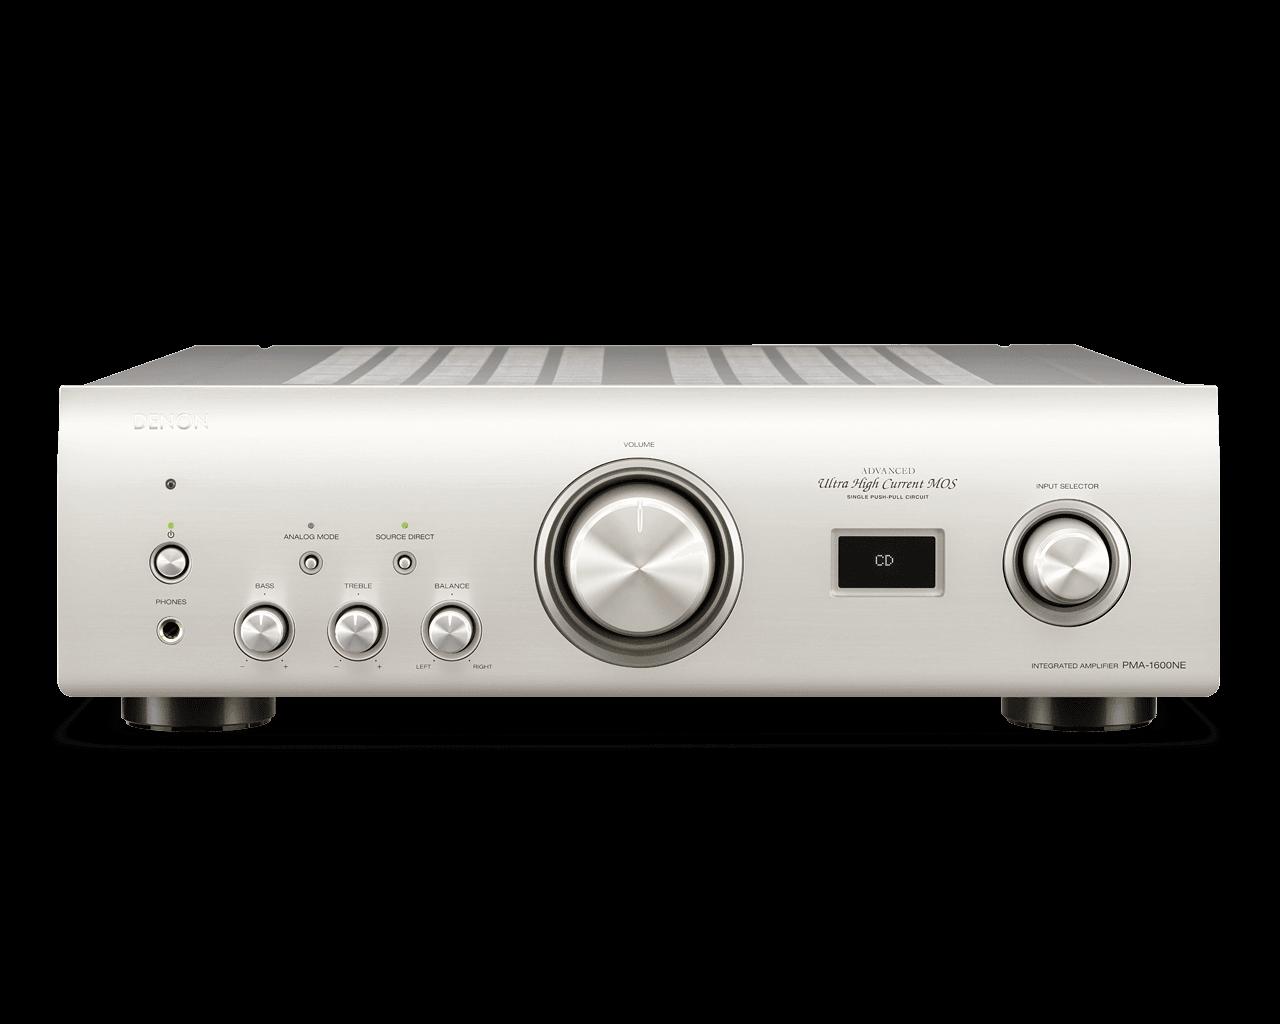 EL pma1600ne jp sp fr compressor - DENON PMA-1600NEレビュー NEシリーズの中堅プリメインアンプ【10万円台】